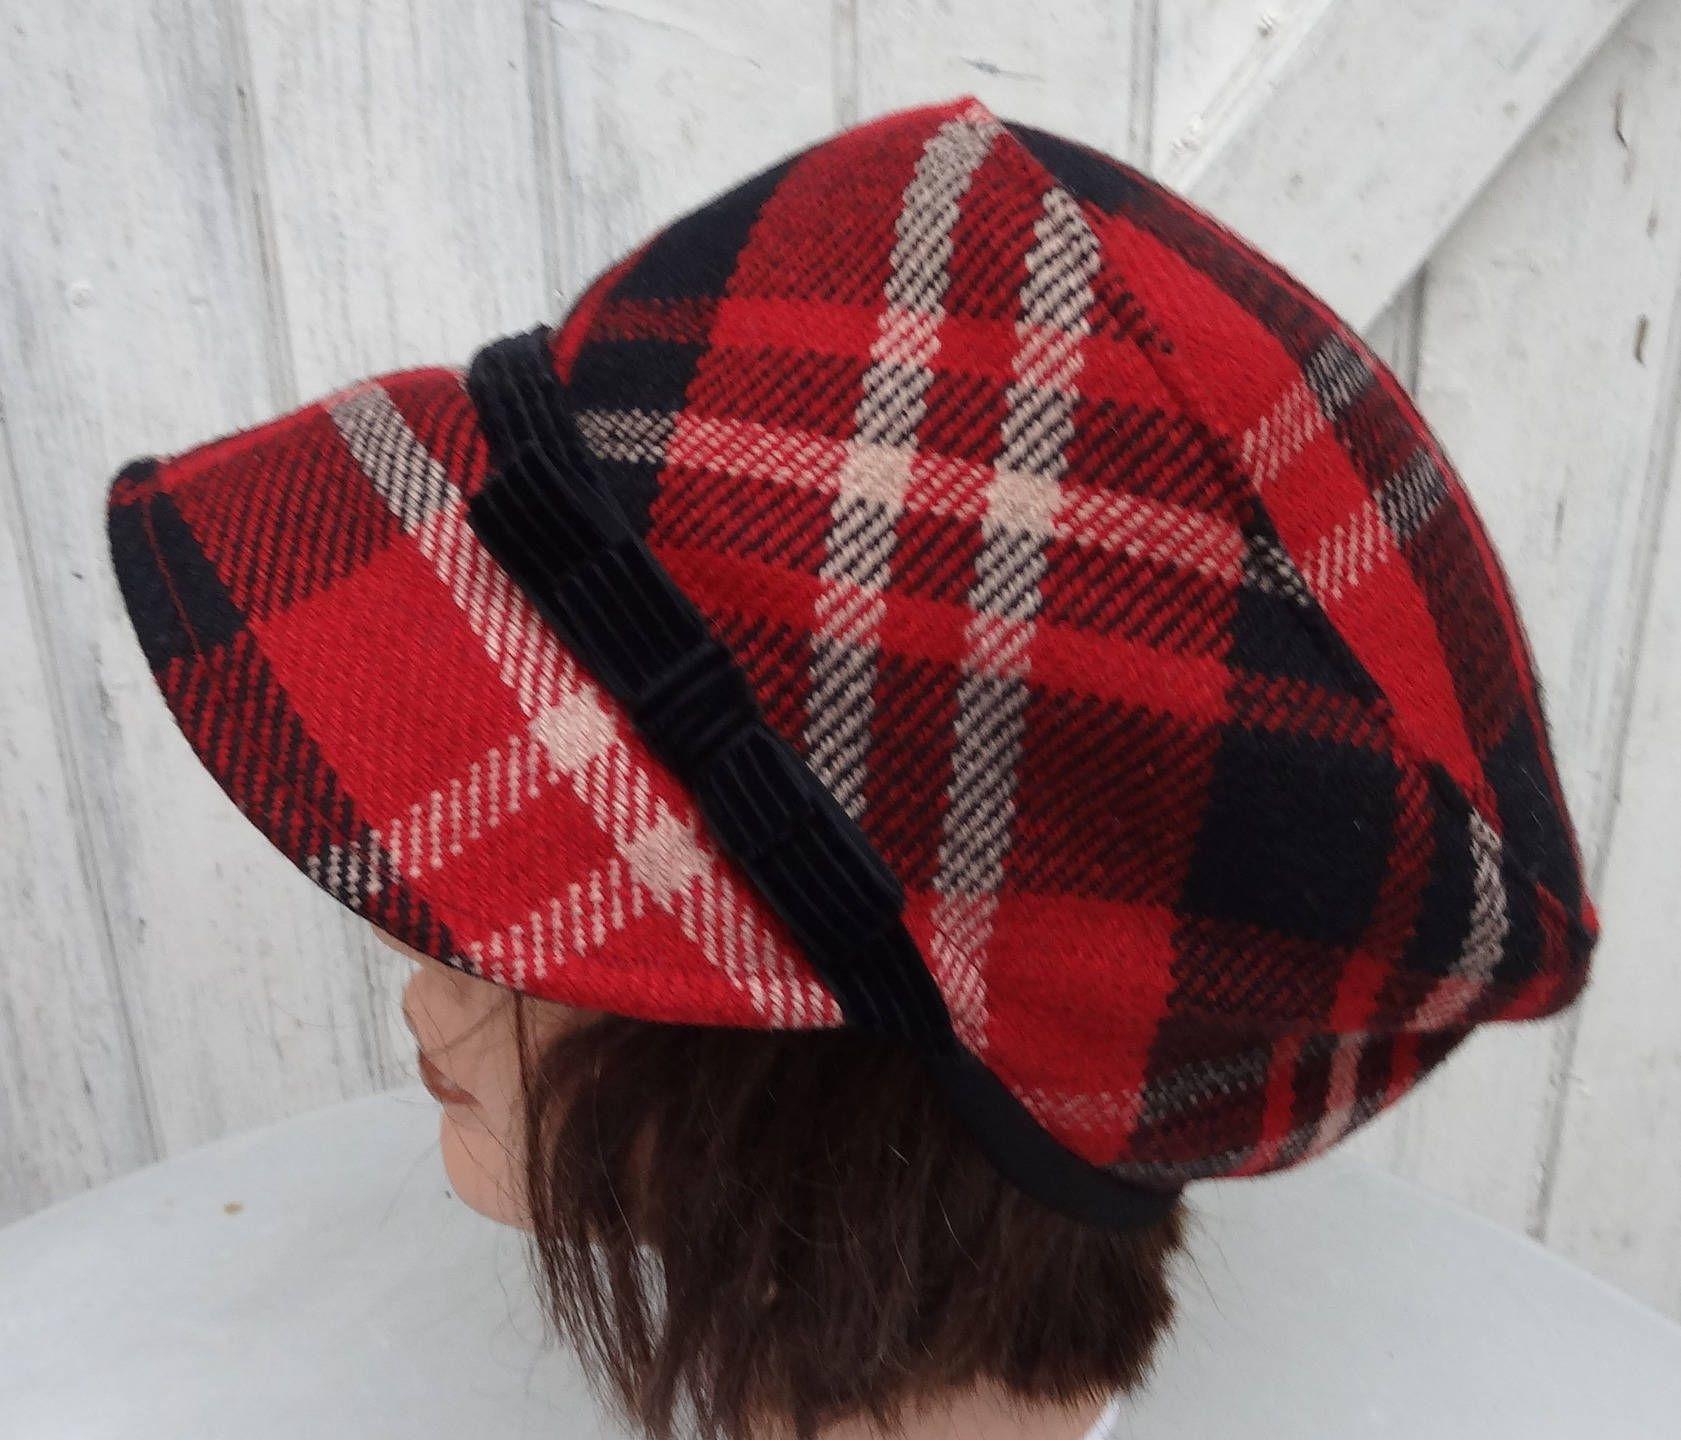 sans précédent collection entière Nouveaux produits Casquette femme écossaise laine/coton noir-rouge-beige ...